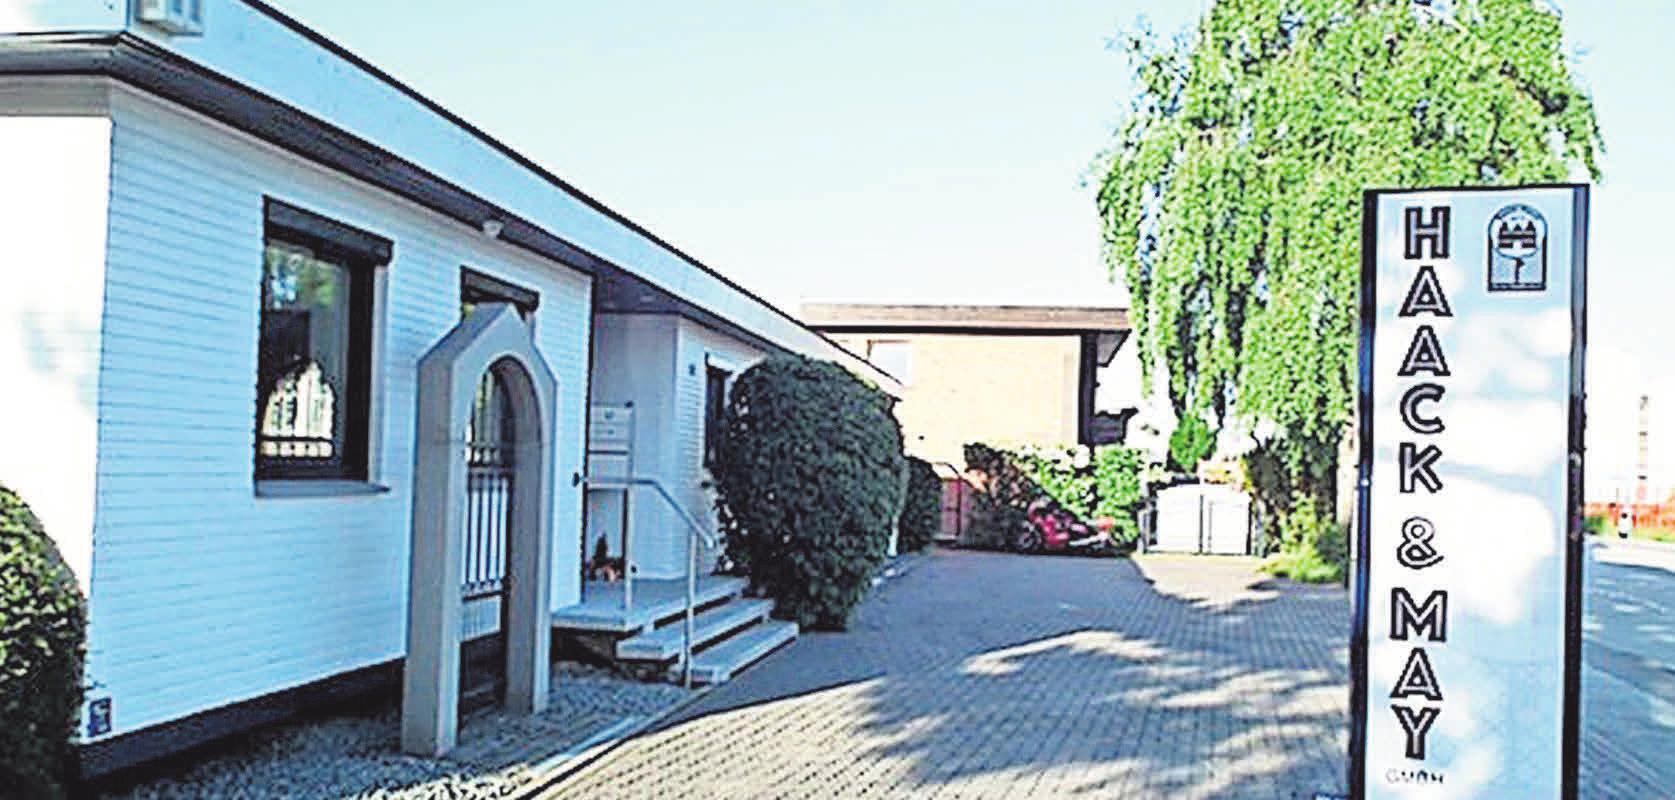 Seit 1976: der heutige Firmensitz Hinter den Kirschkaten Foto: Haack & May